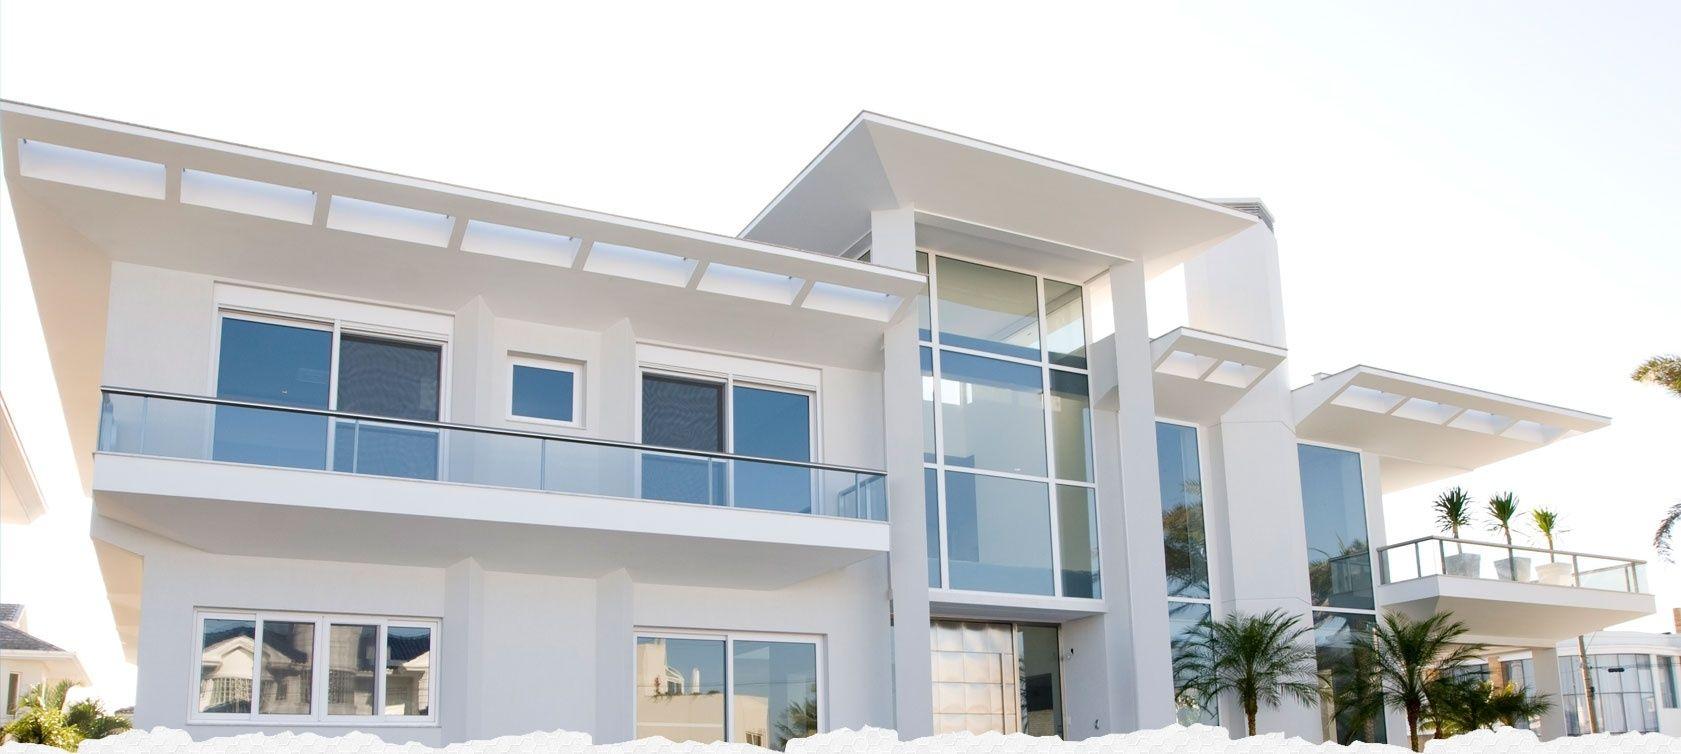 Película Solar Preço na Vila Mariana - Película Protetora para Vidros Residenciais